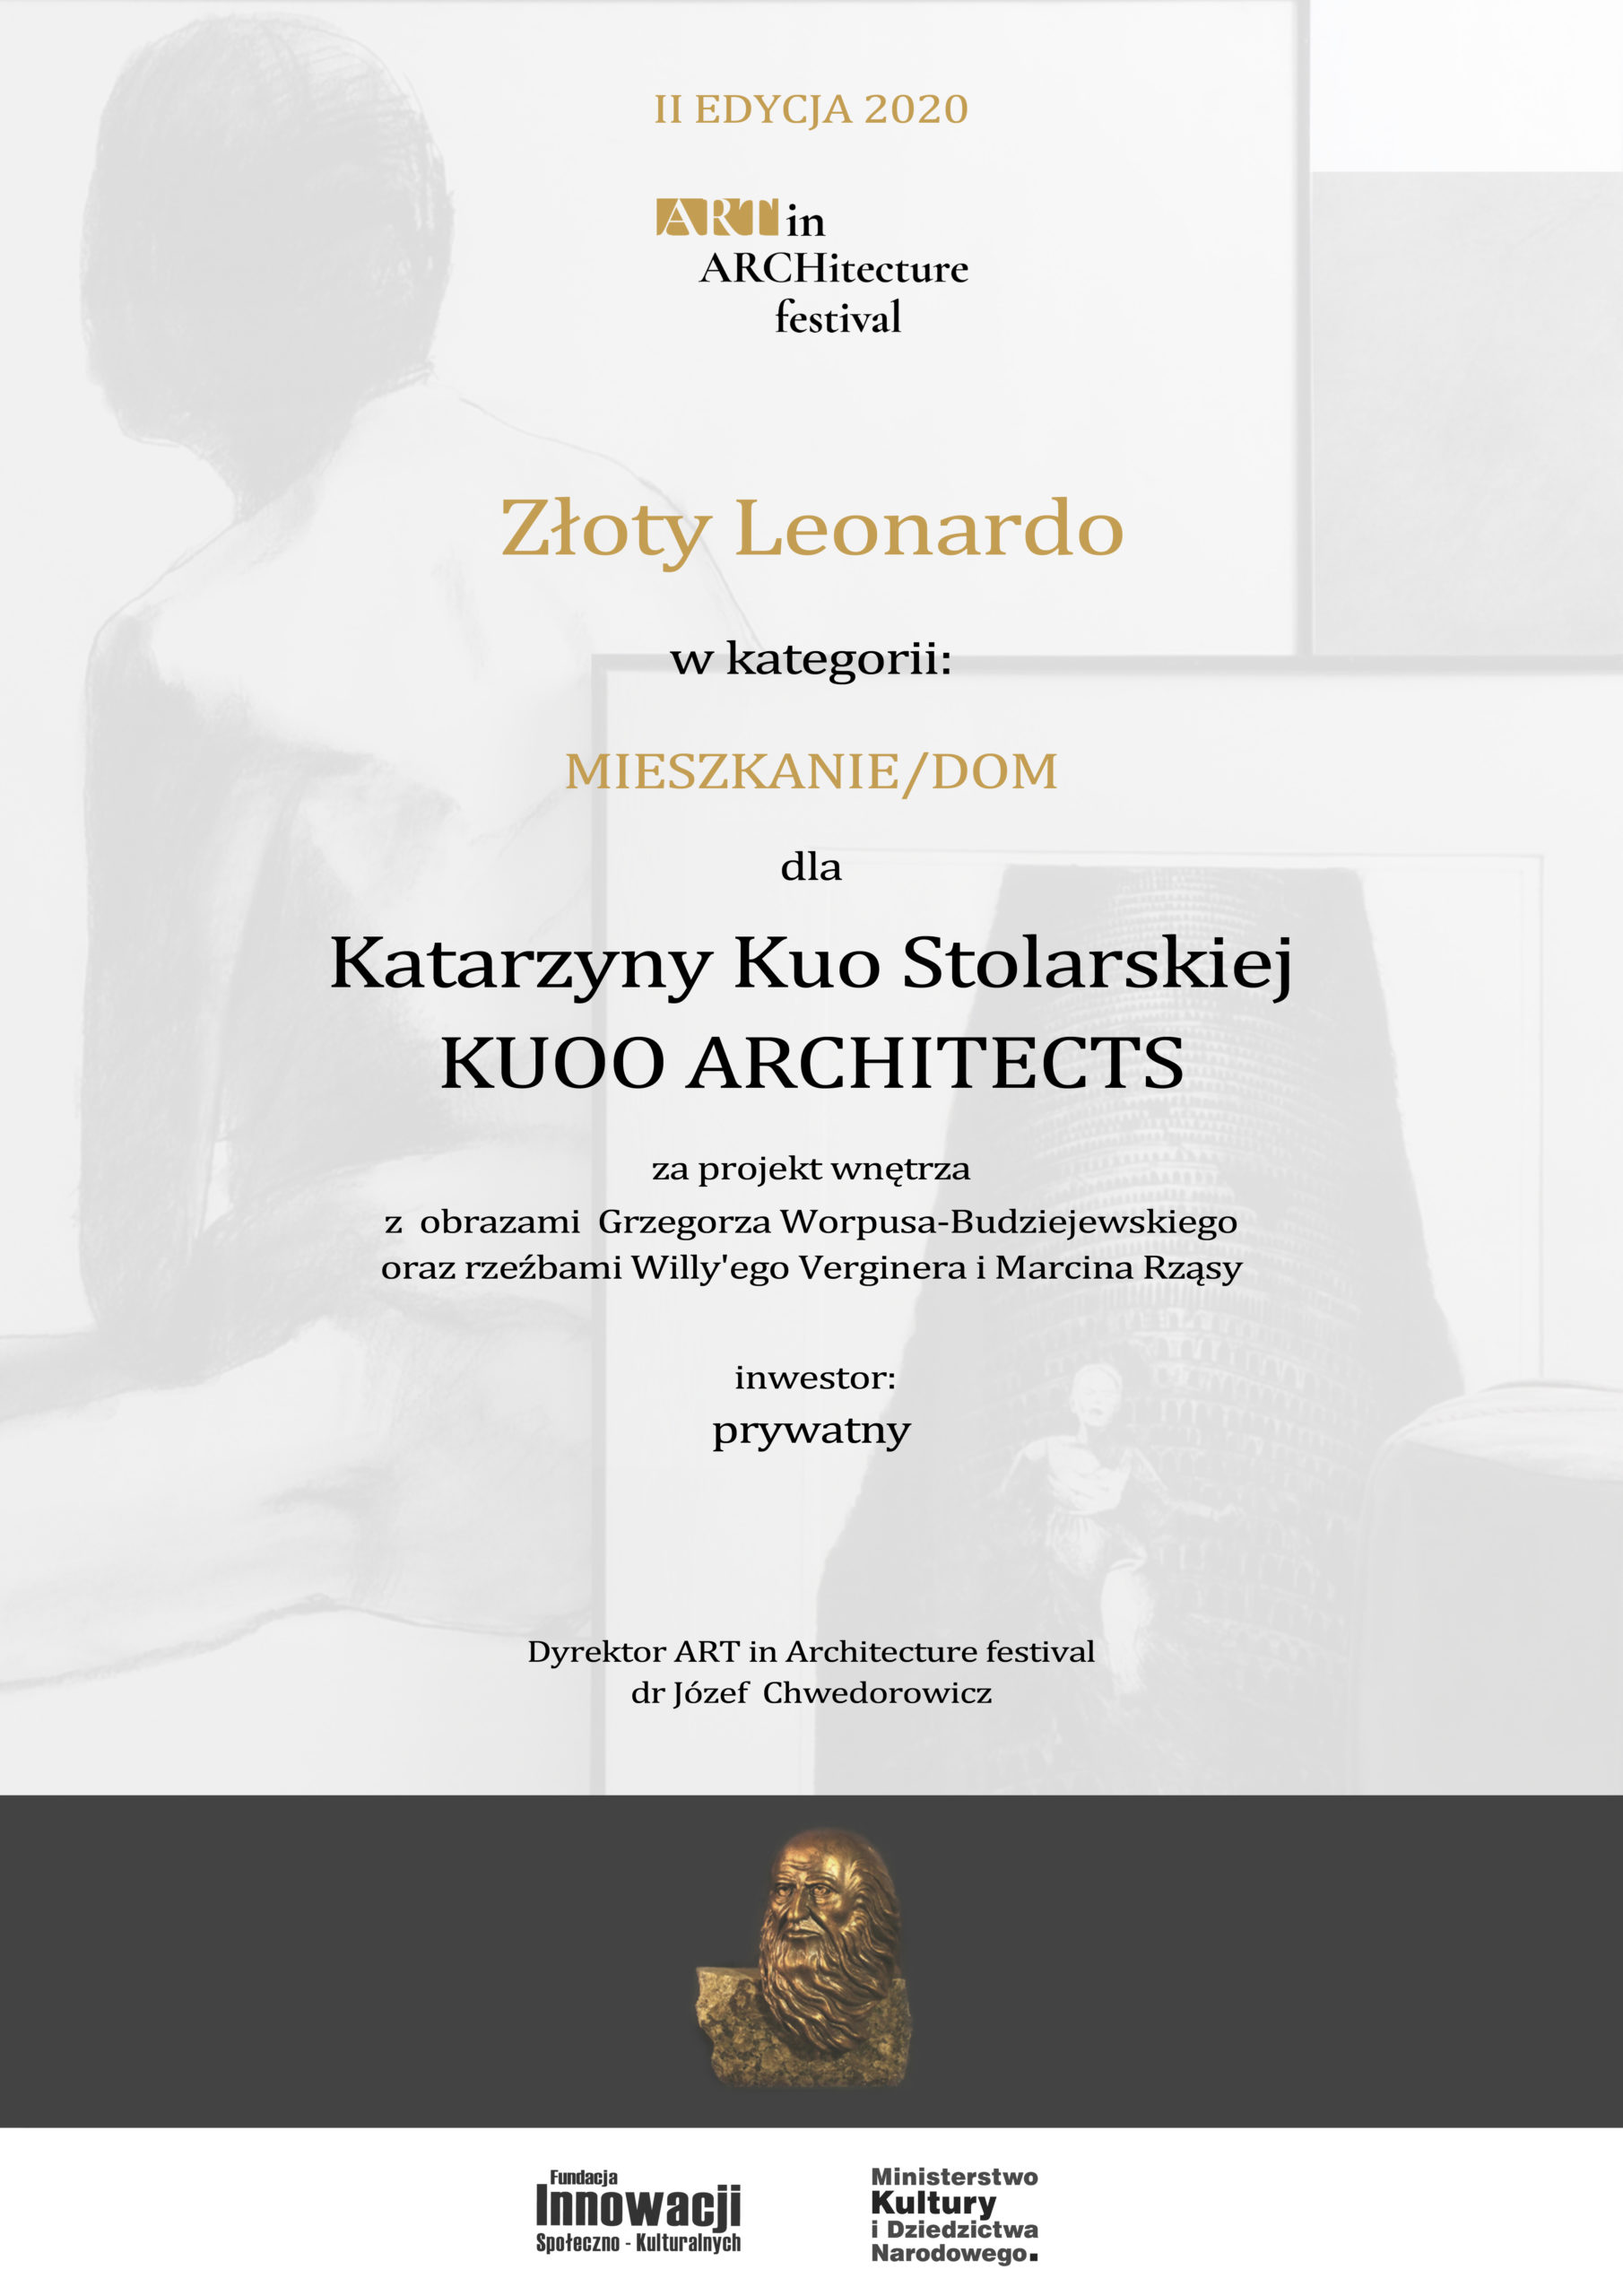 DYPLOM_kategoria_MIESZKANIE_DOM_2020_architekt